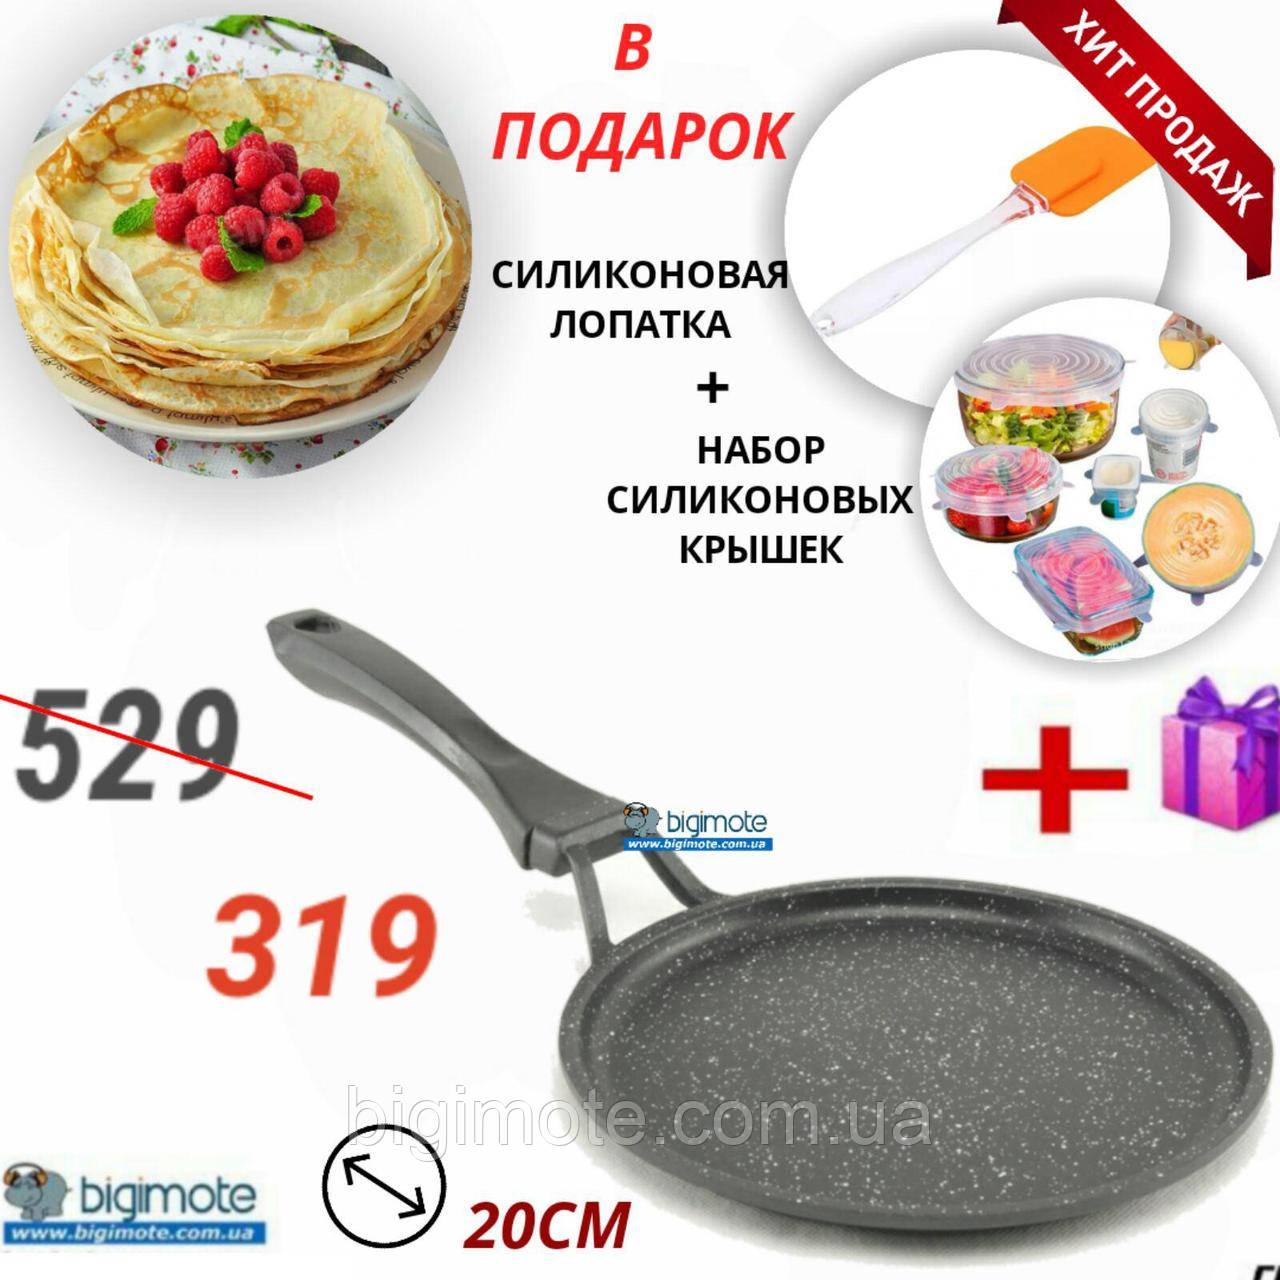 Сковорода для блинов,блинная сковорода,20см